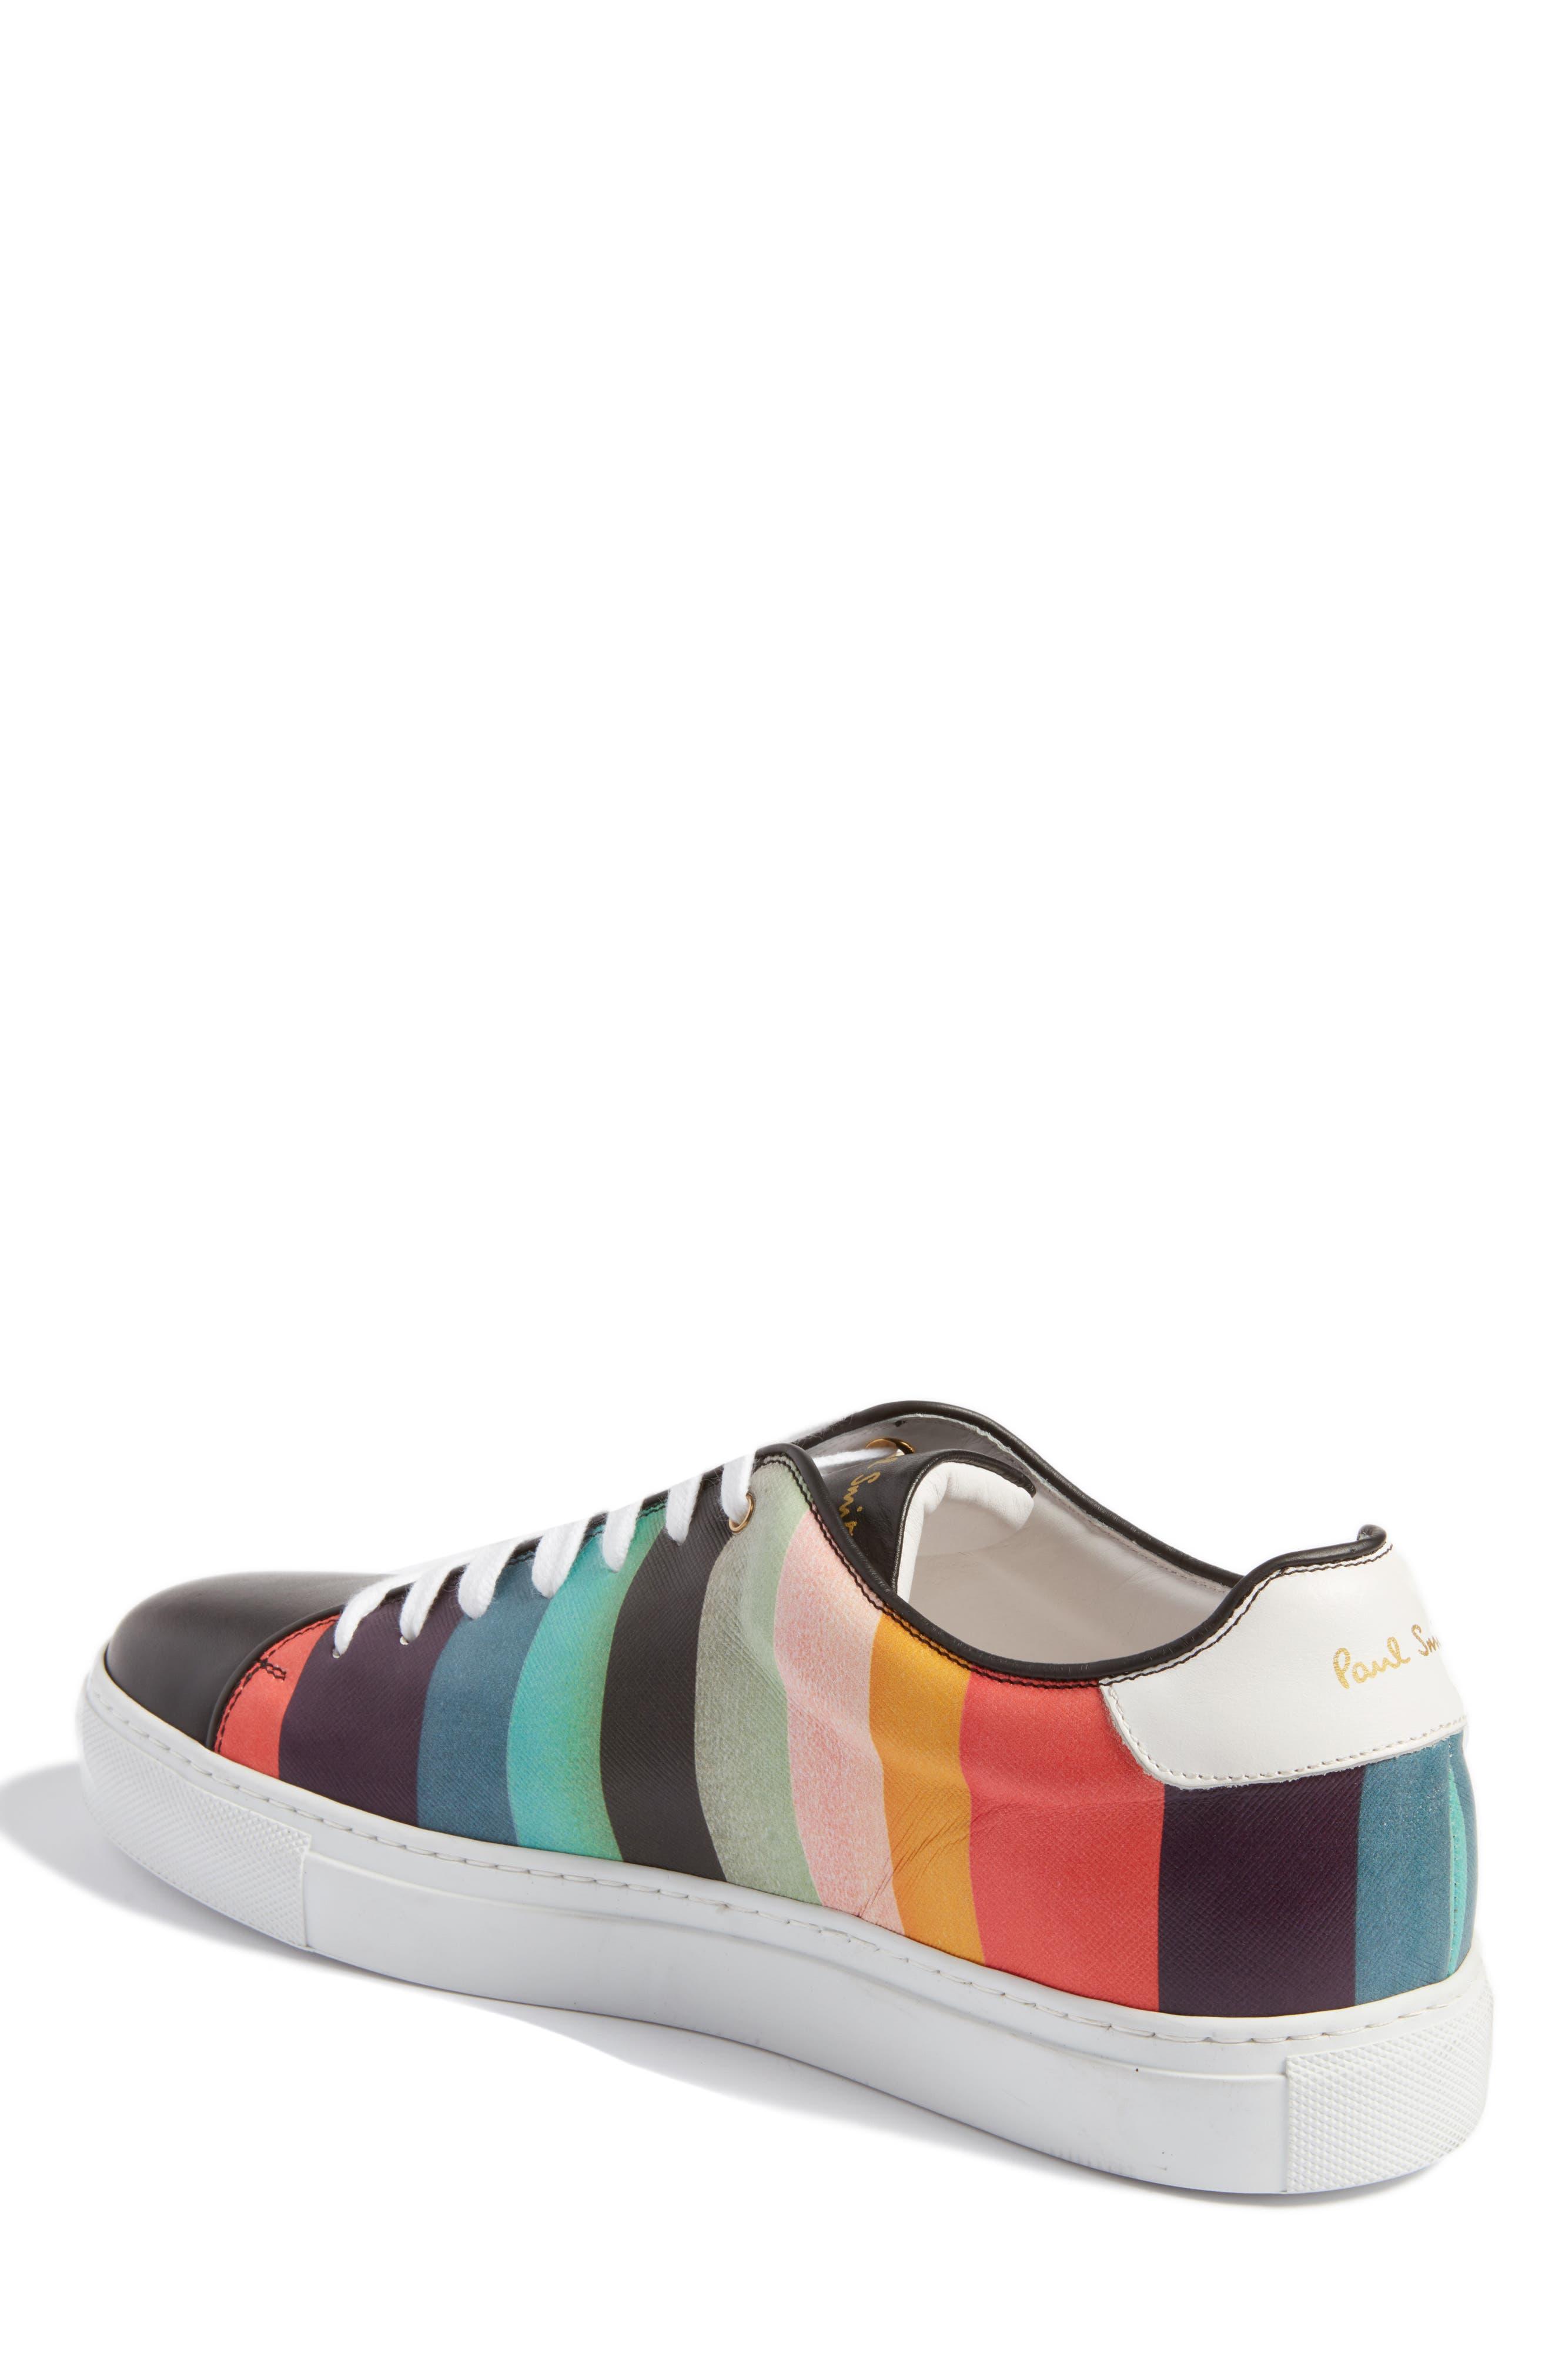 Basso Sneaker,                             Alternate thumbnail 2, color,                             001